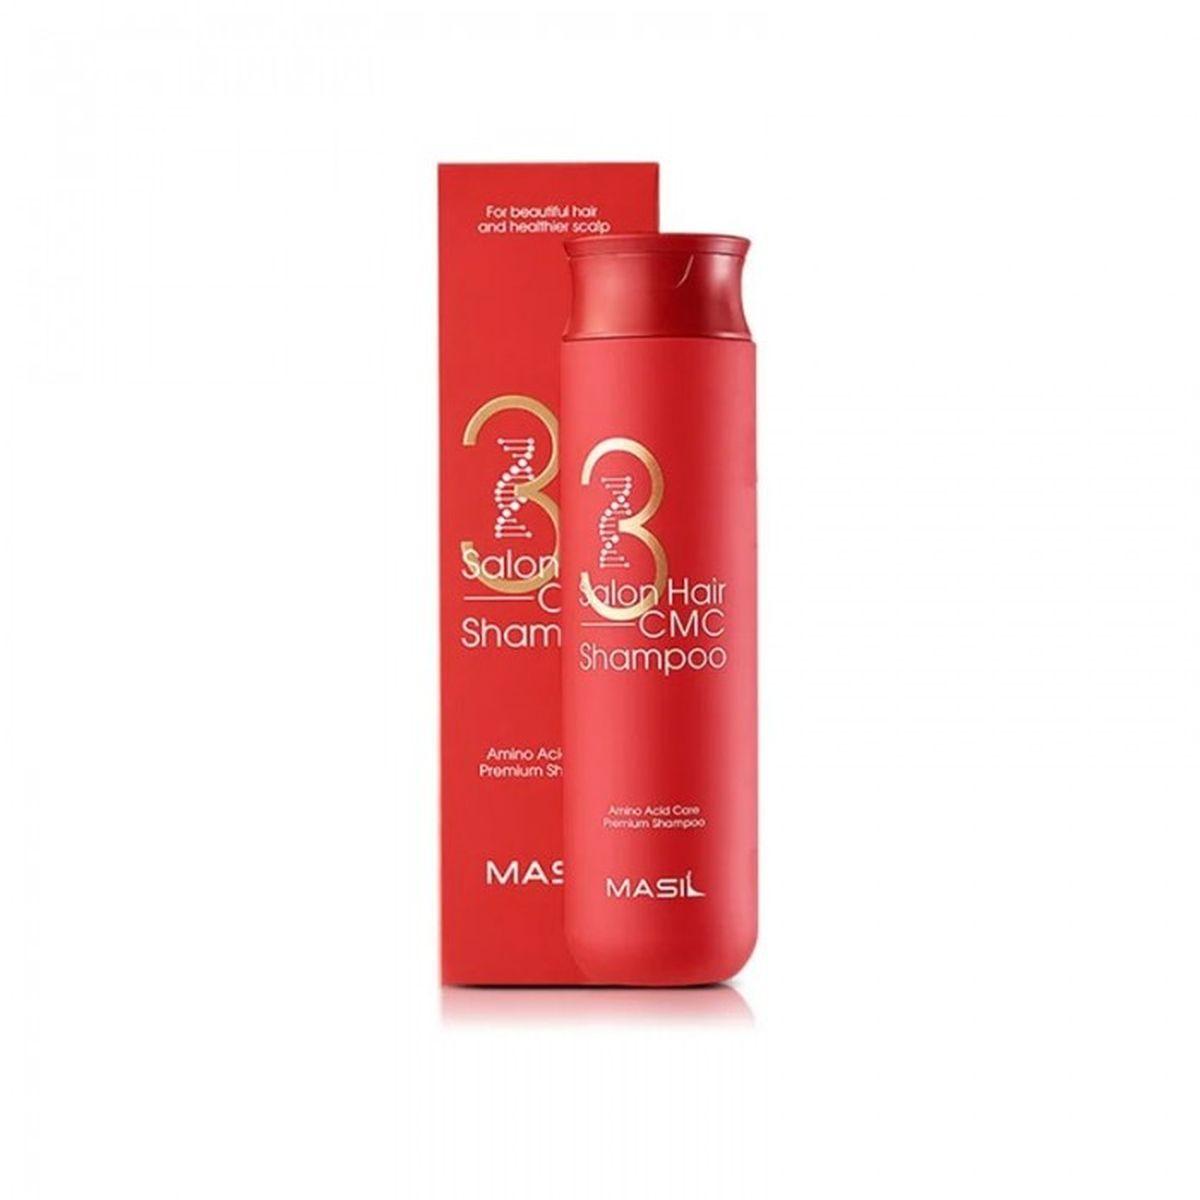 Восстанавливающий шампунь с керамидами Masil 3 Salon Hair CMC Shampoo - 300 мл